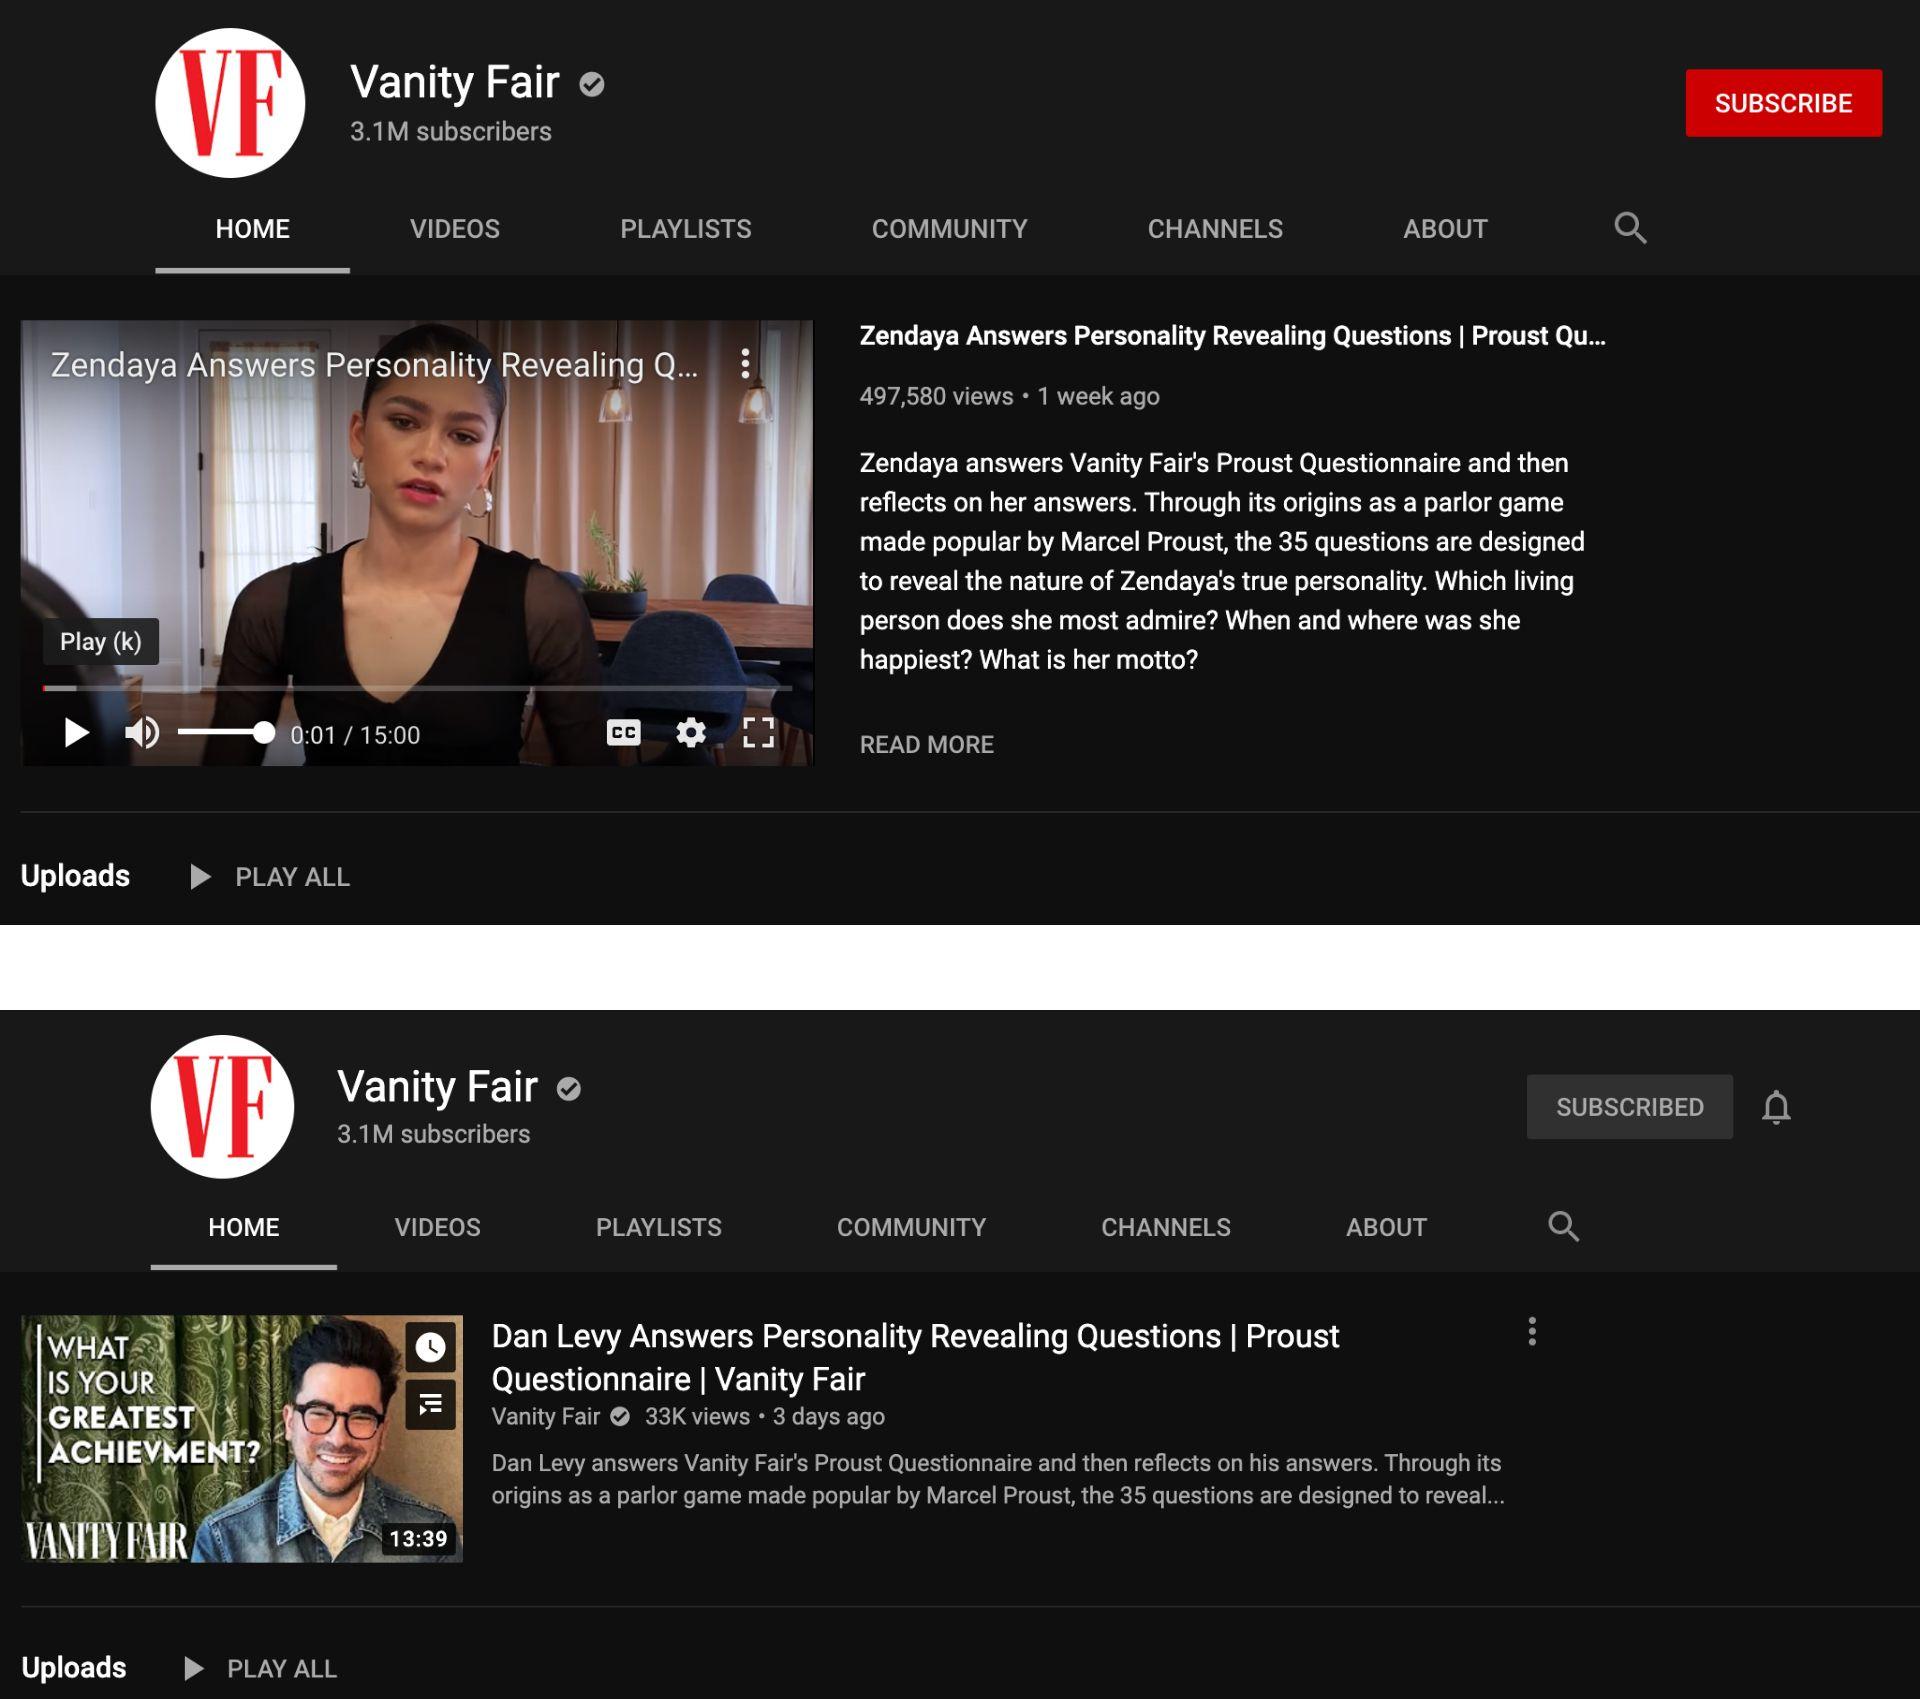 Screenshots des YouTube-Kanals von Vanity Fair, einer als Nicht-Abonnent und einer als Abonnent.